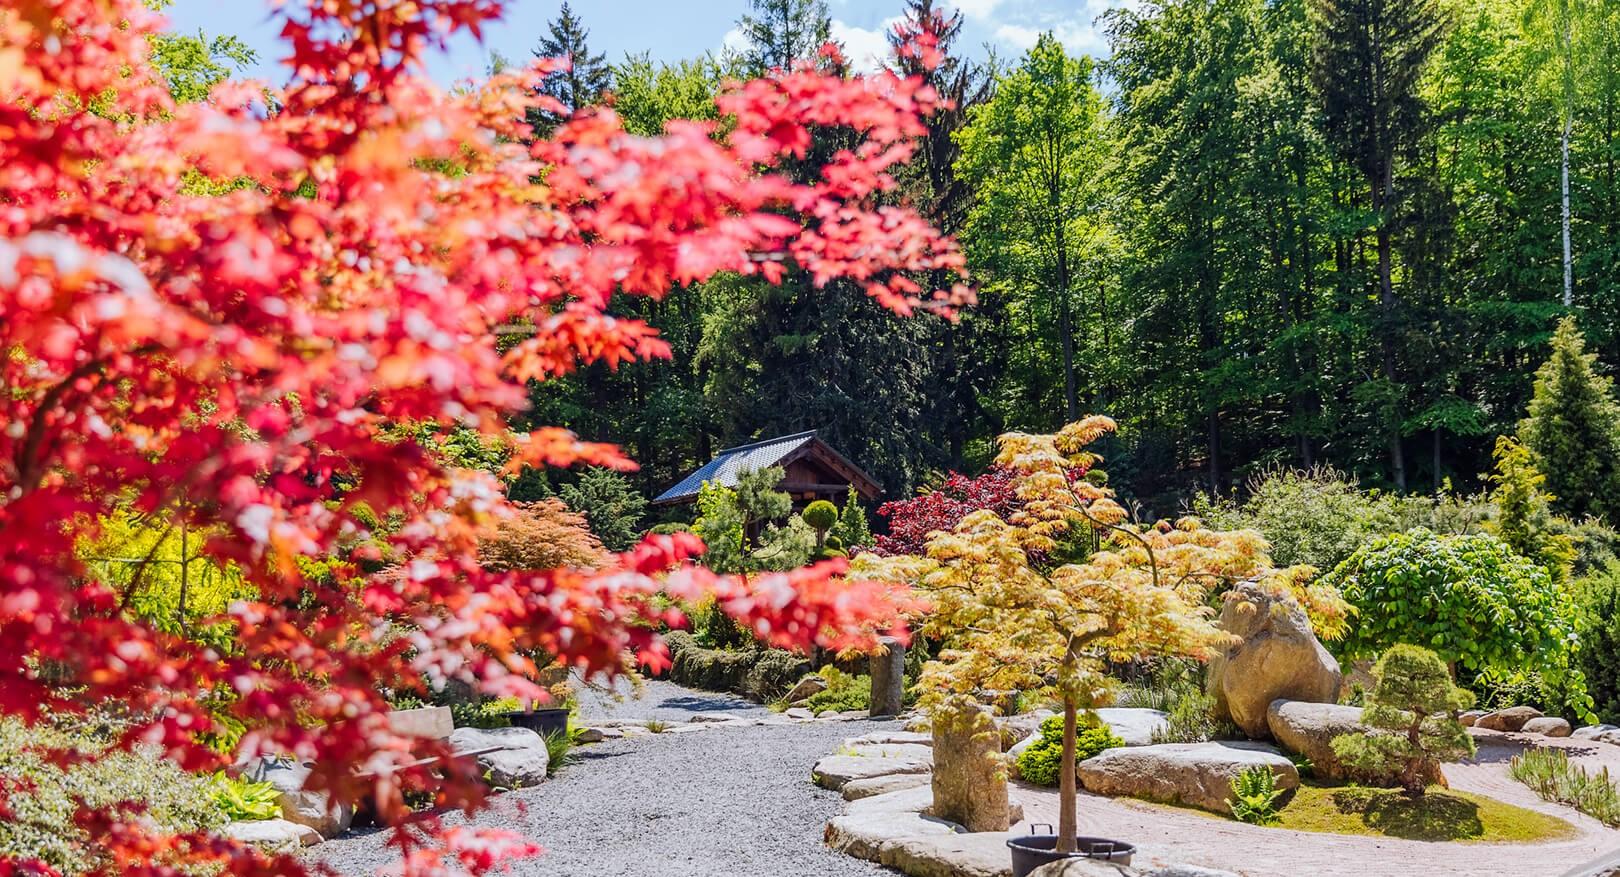 ogród japoński siruwia